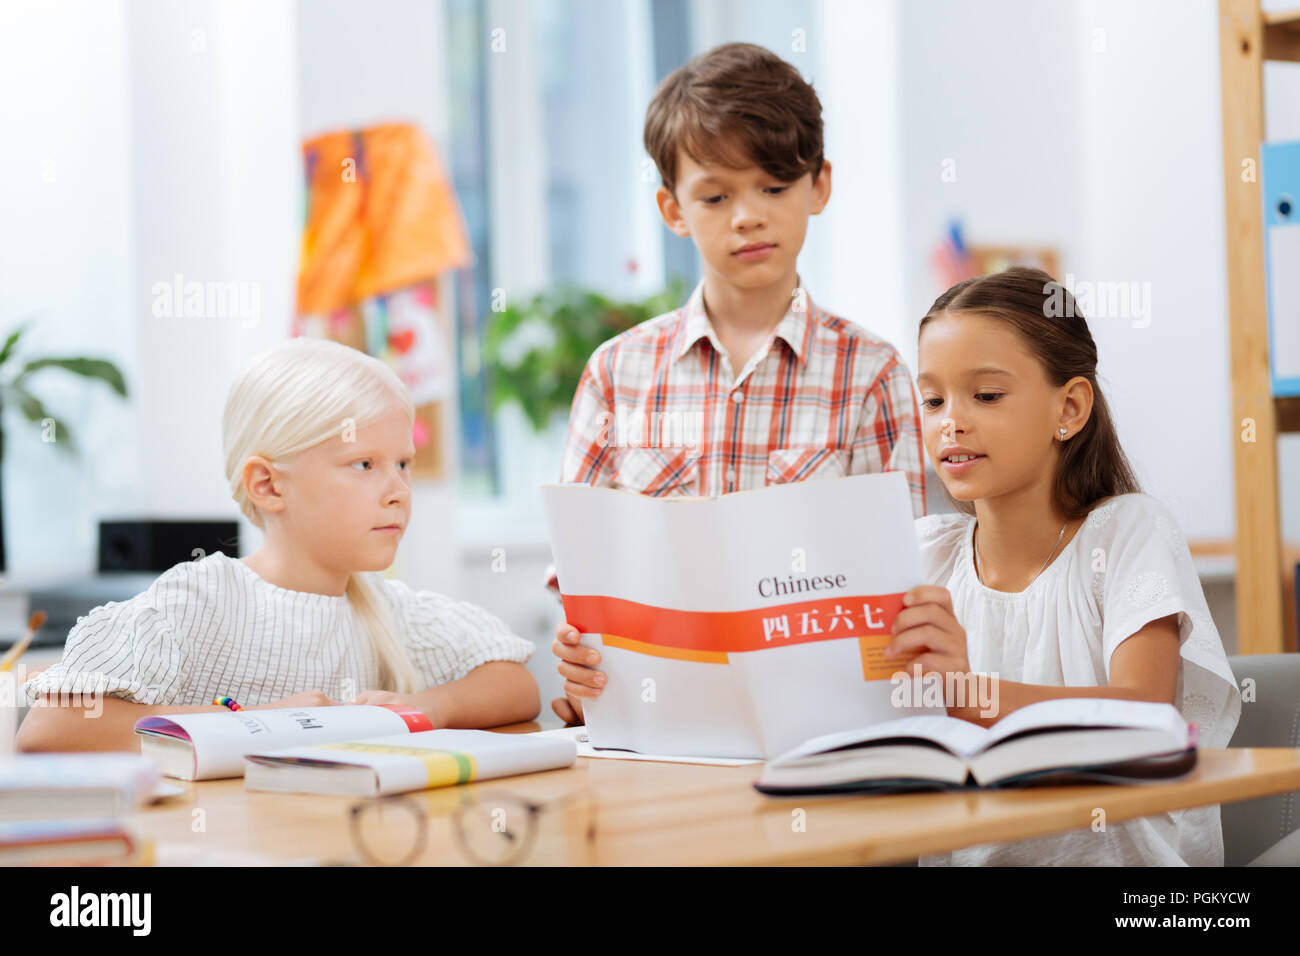 Concentrate i bambini prestando attenzione sui dettagli in un esercizio Immagini Stock